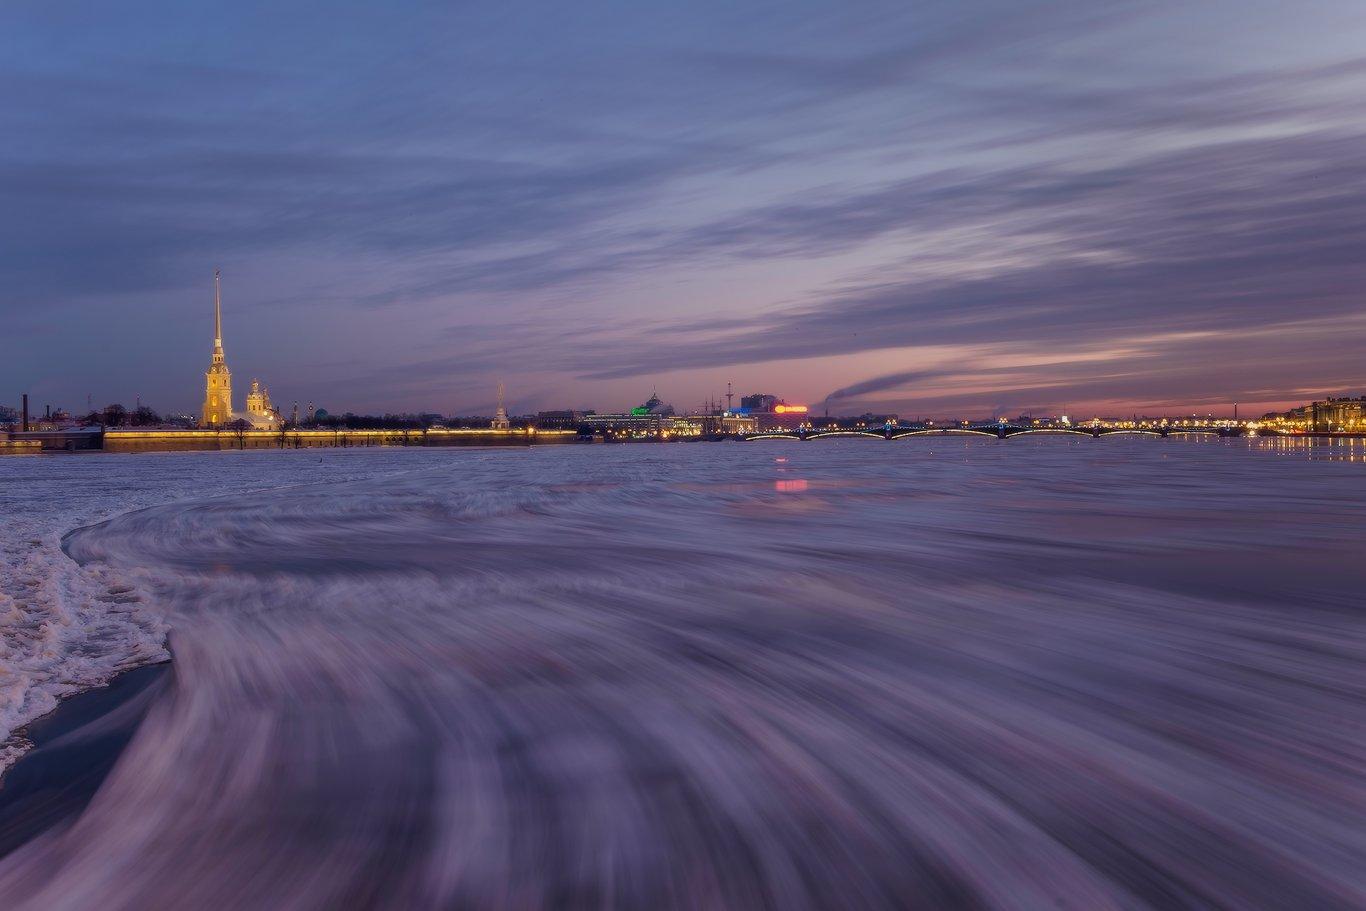 санкт-петербург, нева, утро, рассвет, зима, мост, петропавловка, ледоход, лед, Илья Штром